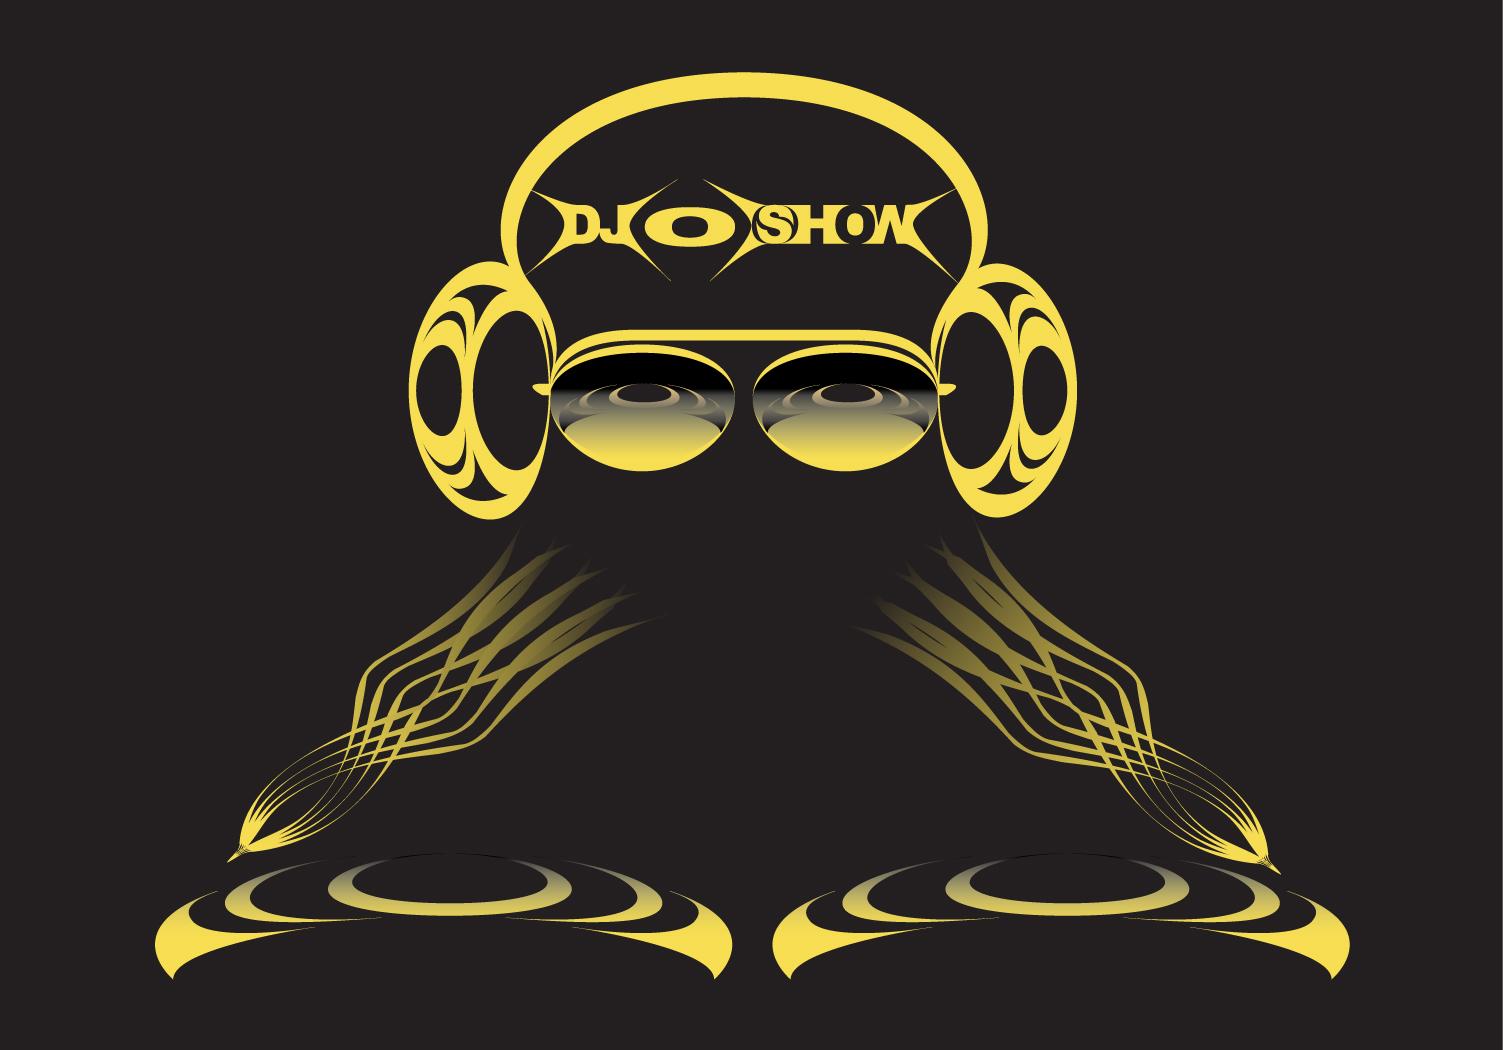 DJ O Show Logo